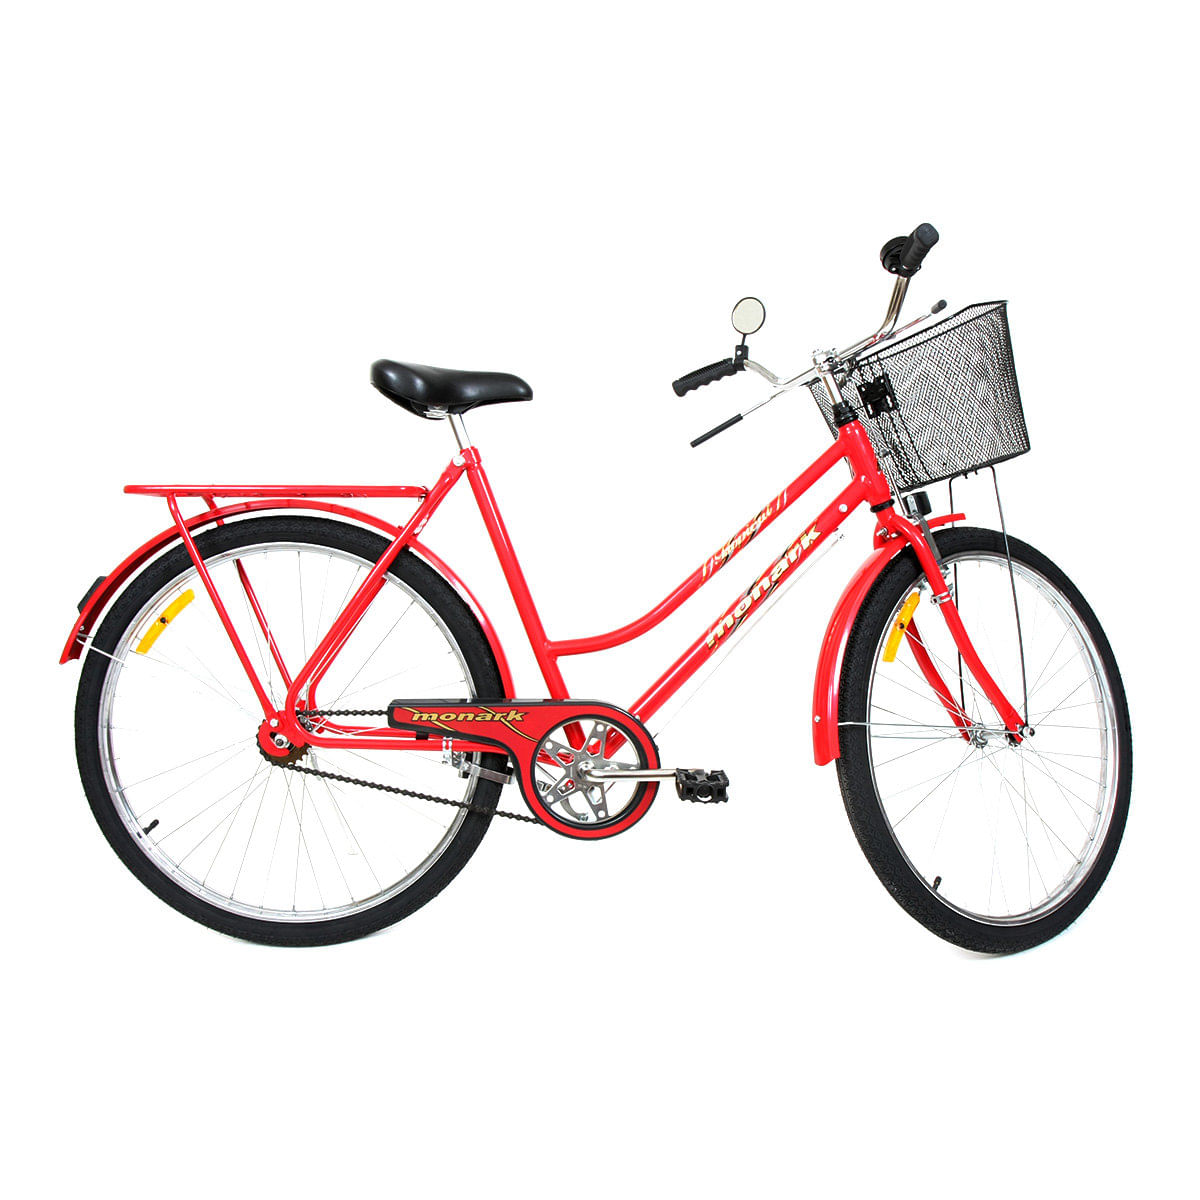 Imagem de Bicicleta Aro 26 Tropical Fi Lazer Monark